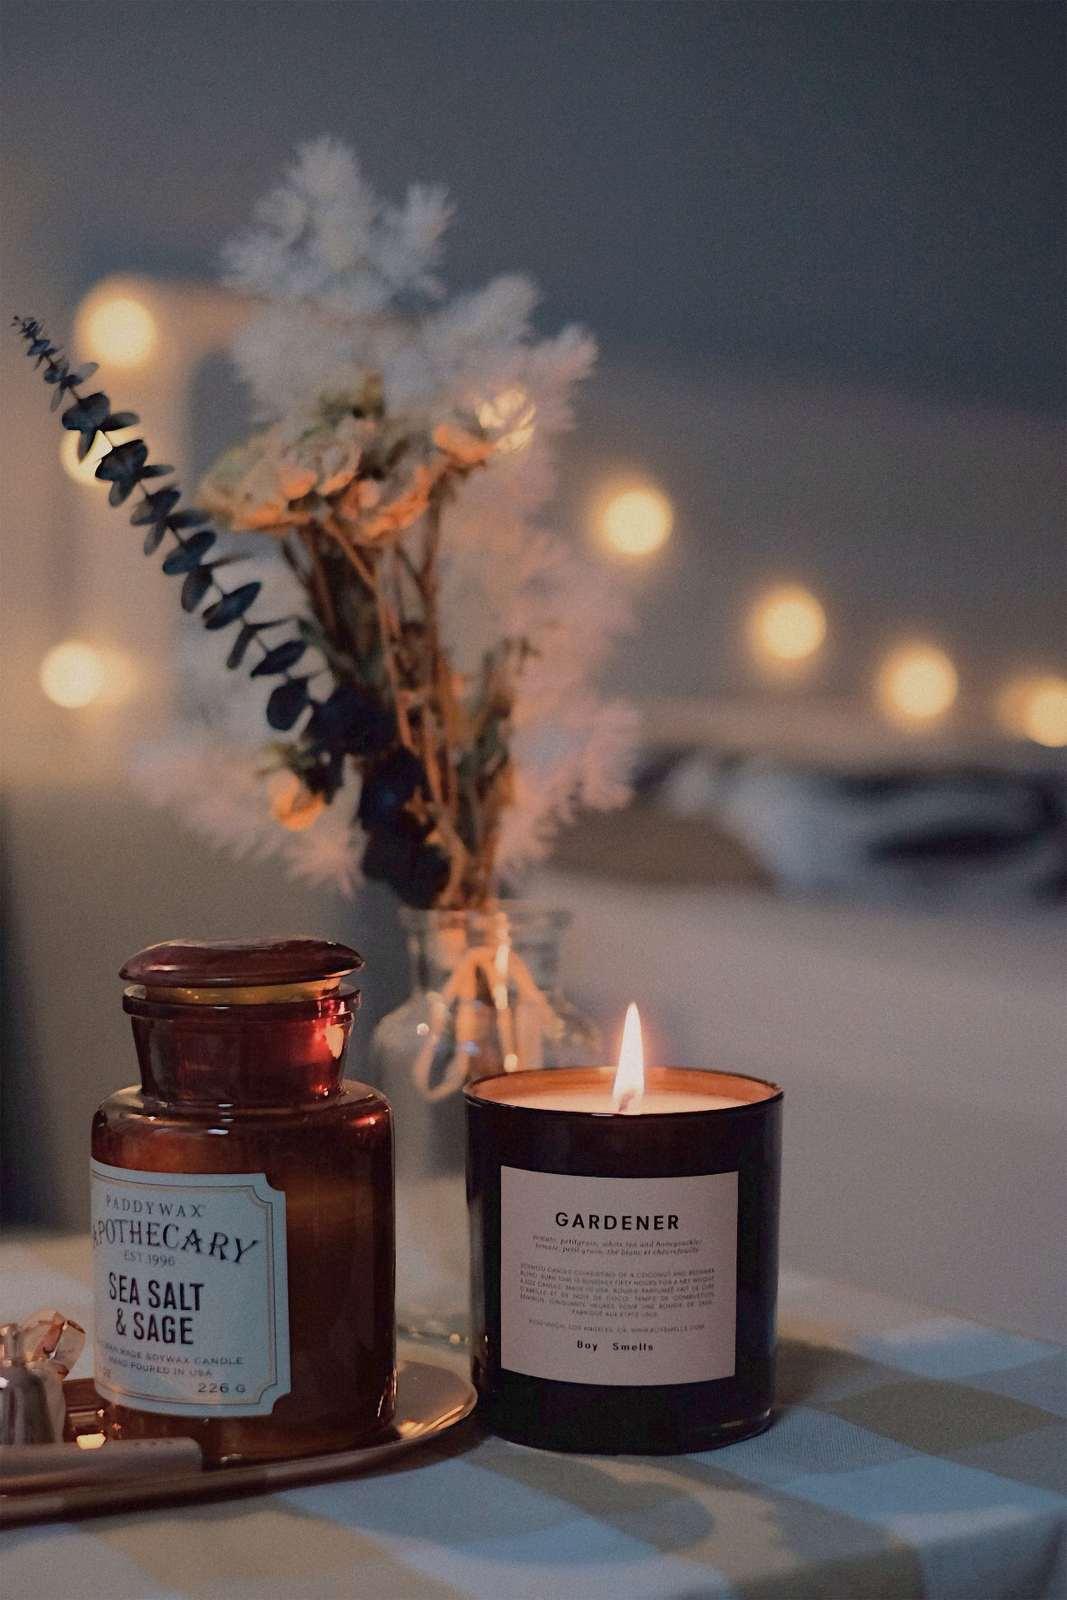 świeczki i zioła w wazonie